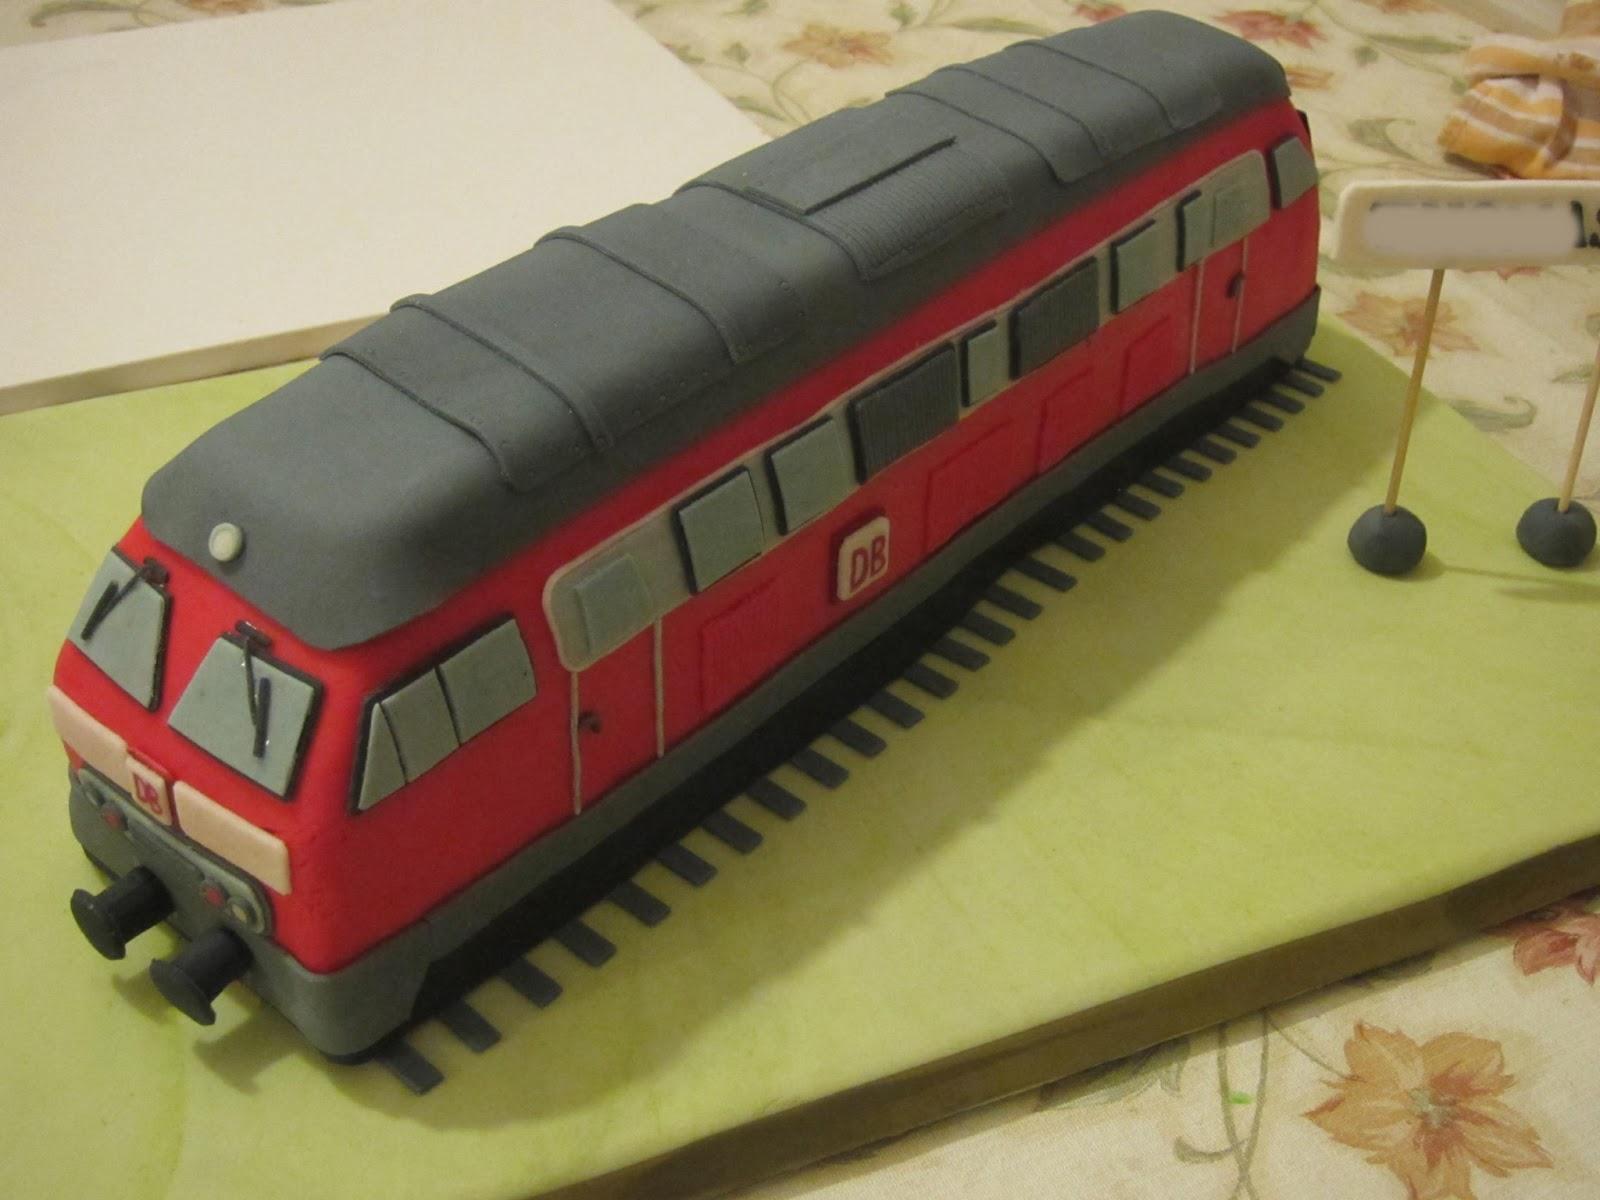 vonat torta képek Zaubertorten: Vonat vonat torta képek